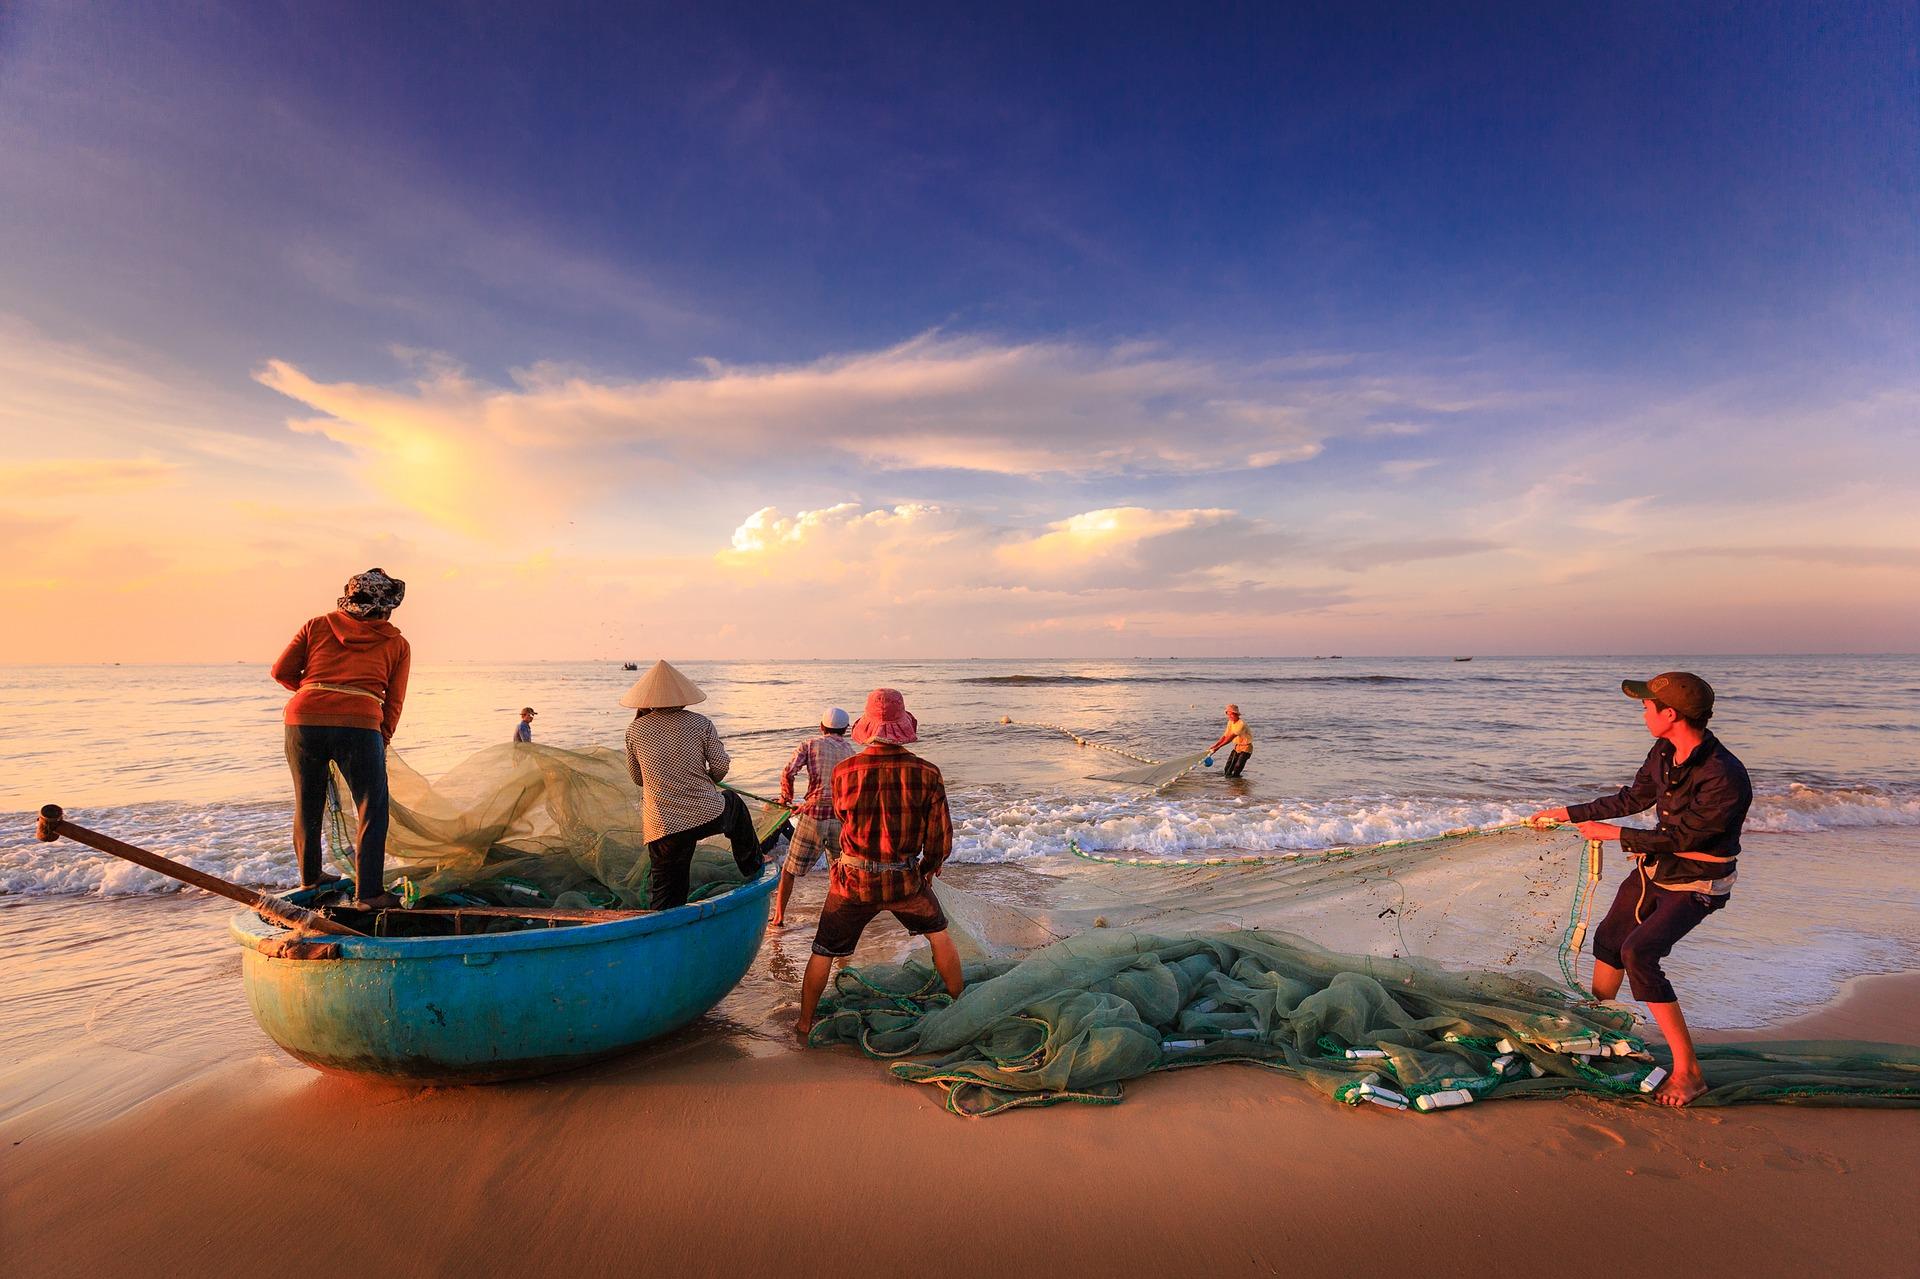 pescadores internacional